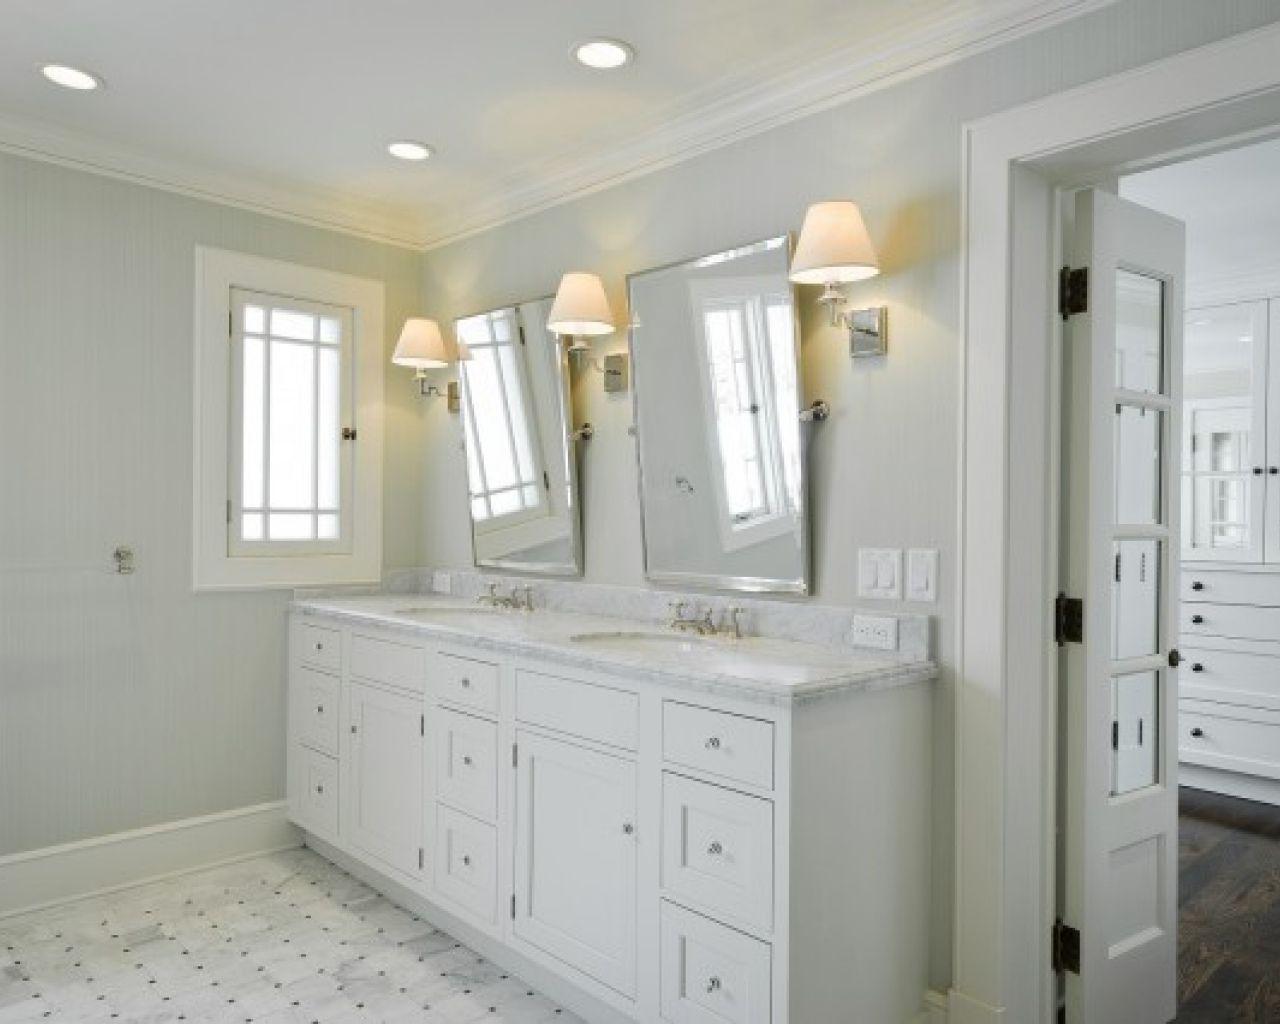 double bathroom vanity ideas - Google Search | Bathroom Remodel ...